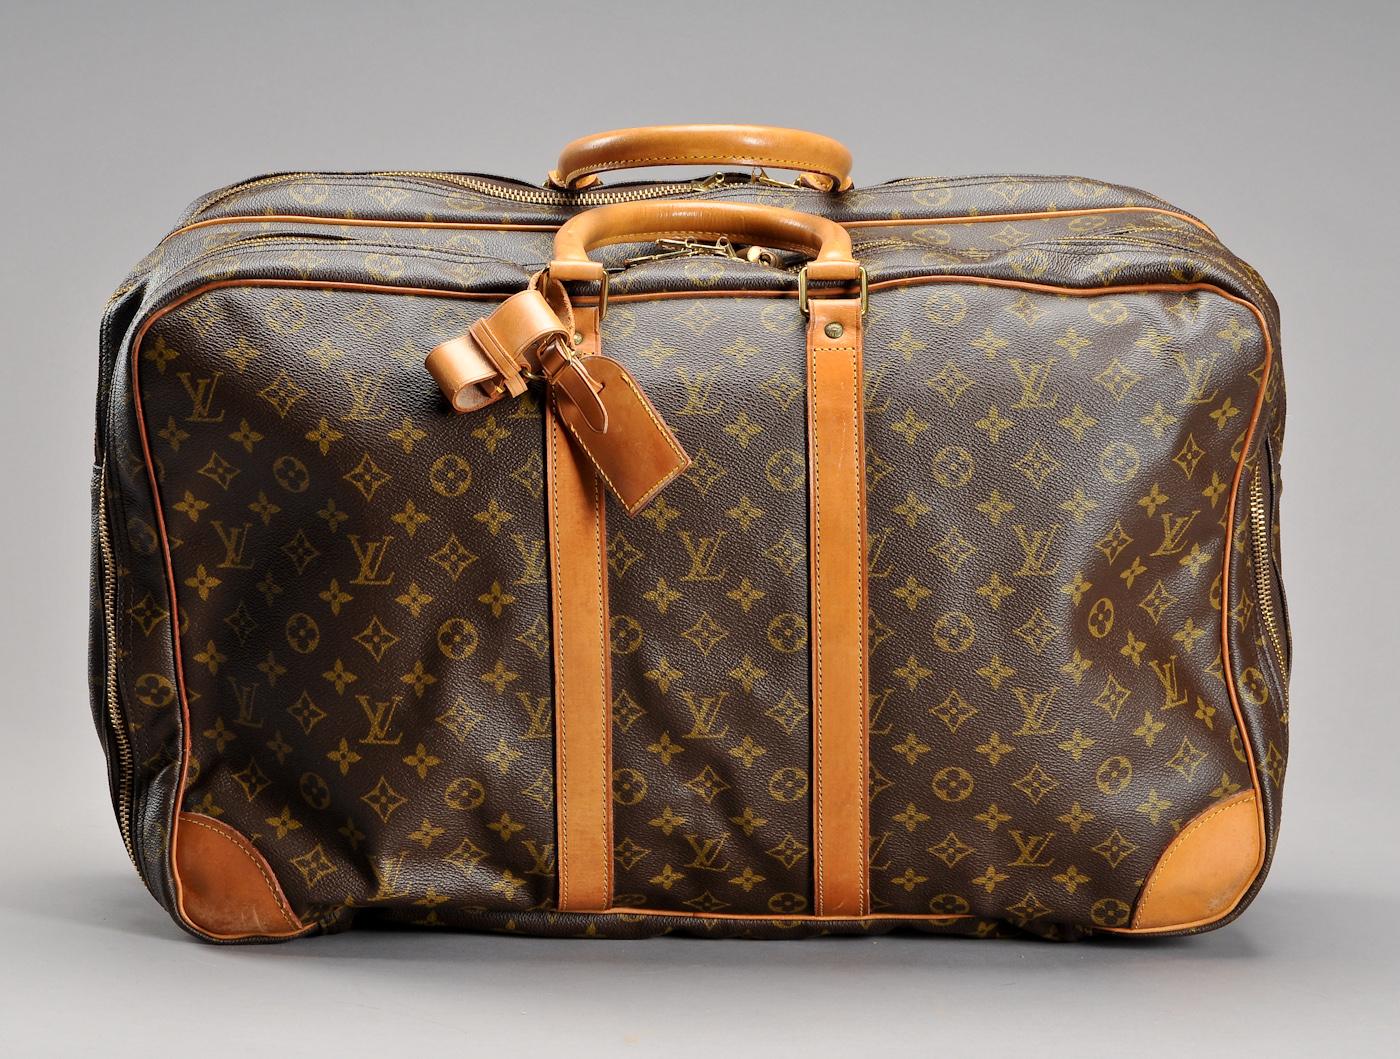 92891432fac5 louis vuitton purses bags outlet for women louis vuitton duffel bag ...